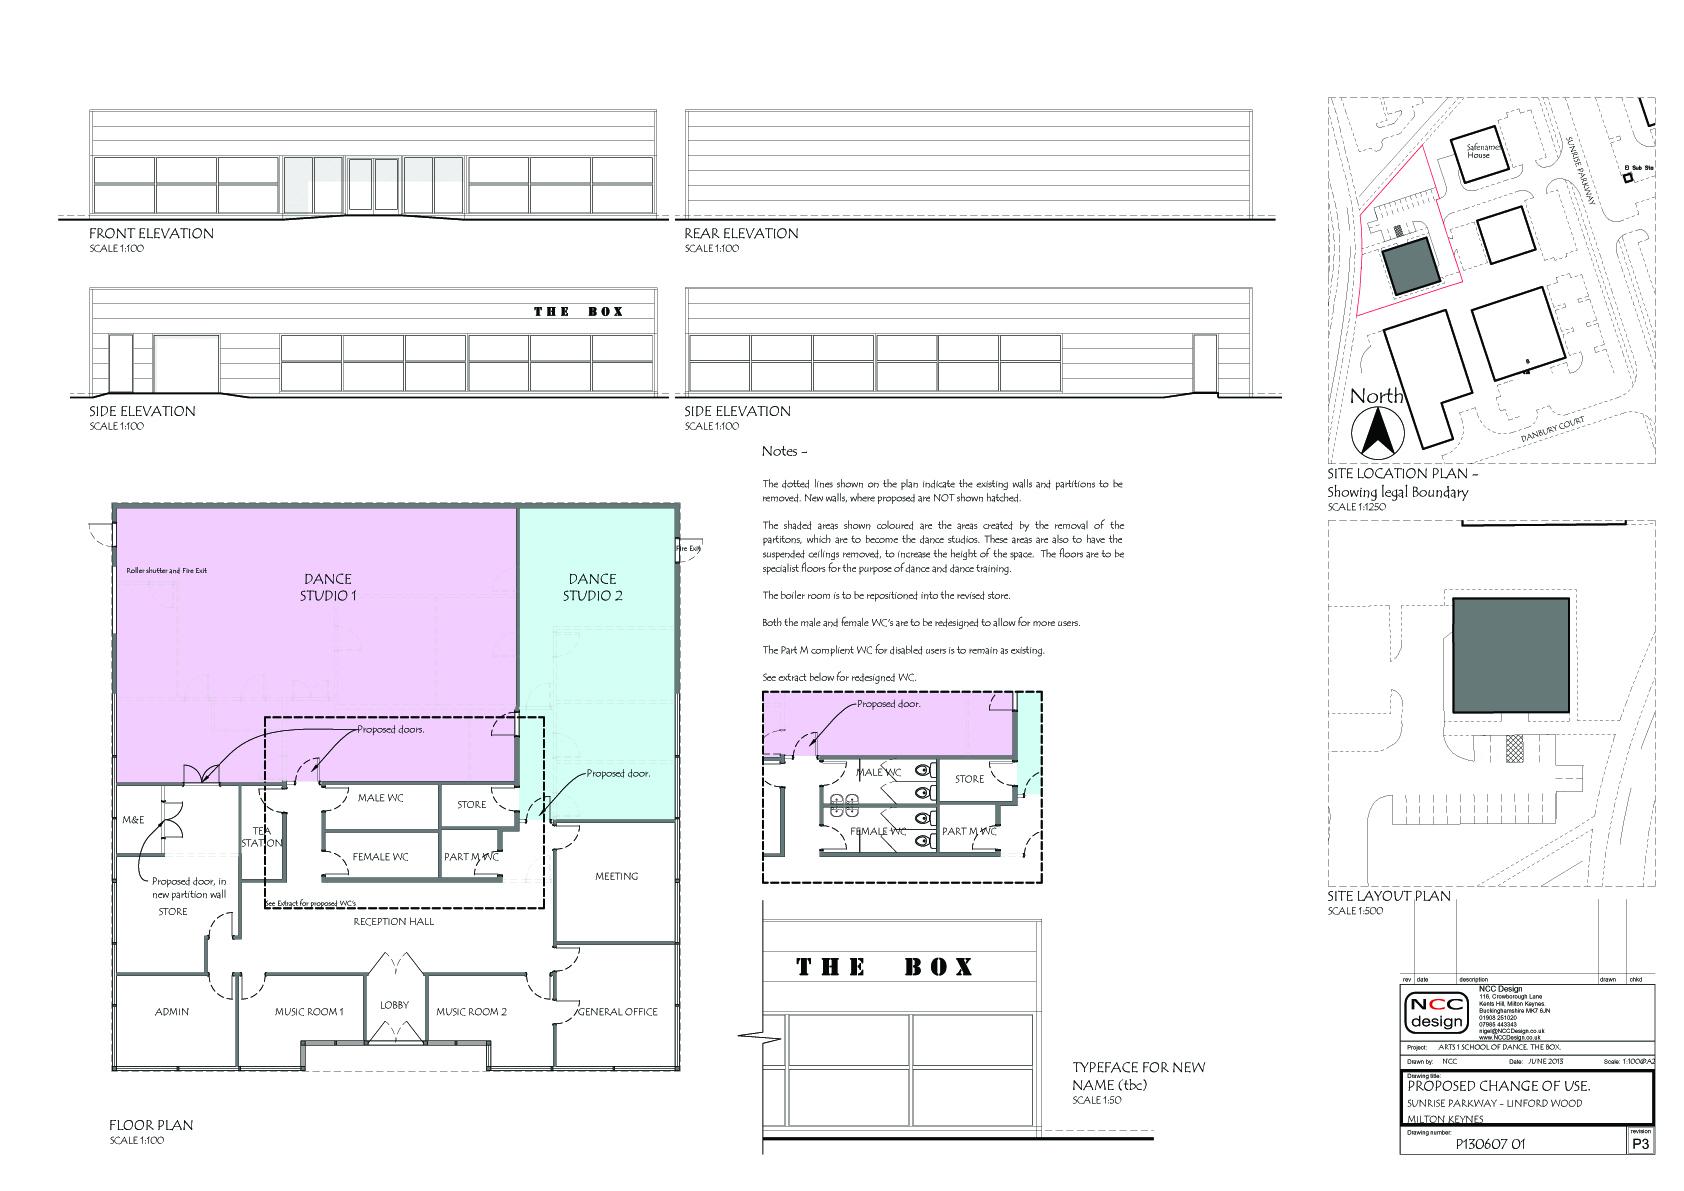 ncc design gallery. Black Bedroom Furniture Sets. Home Design Ideas